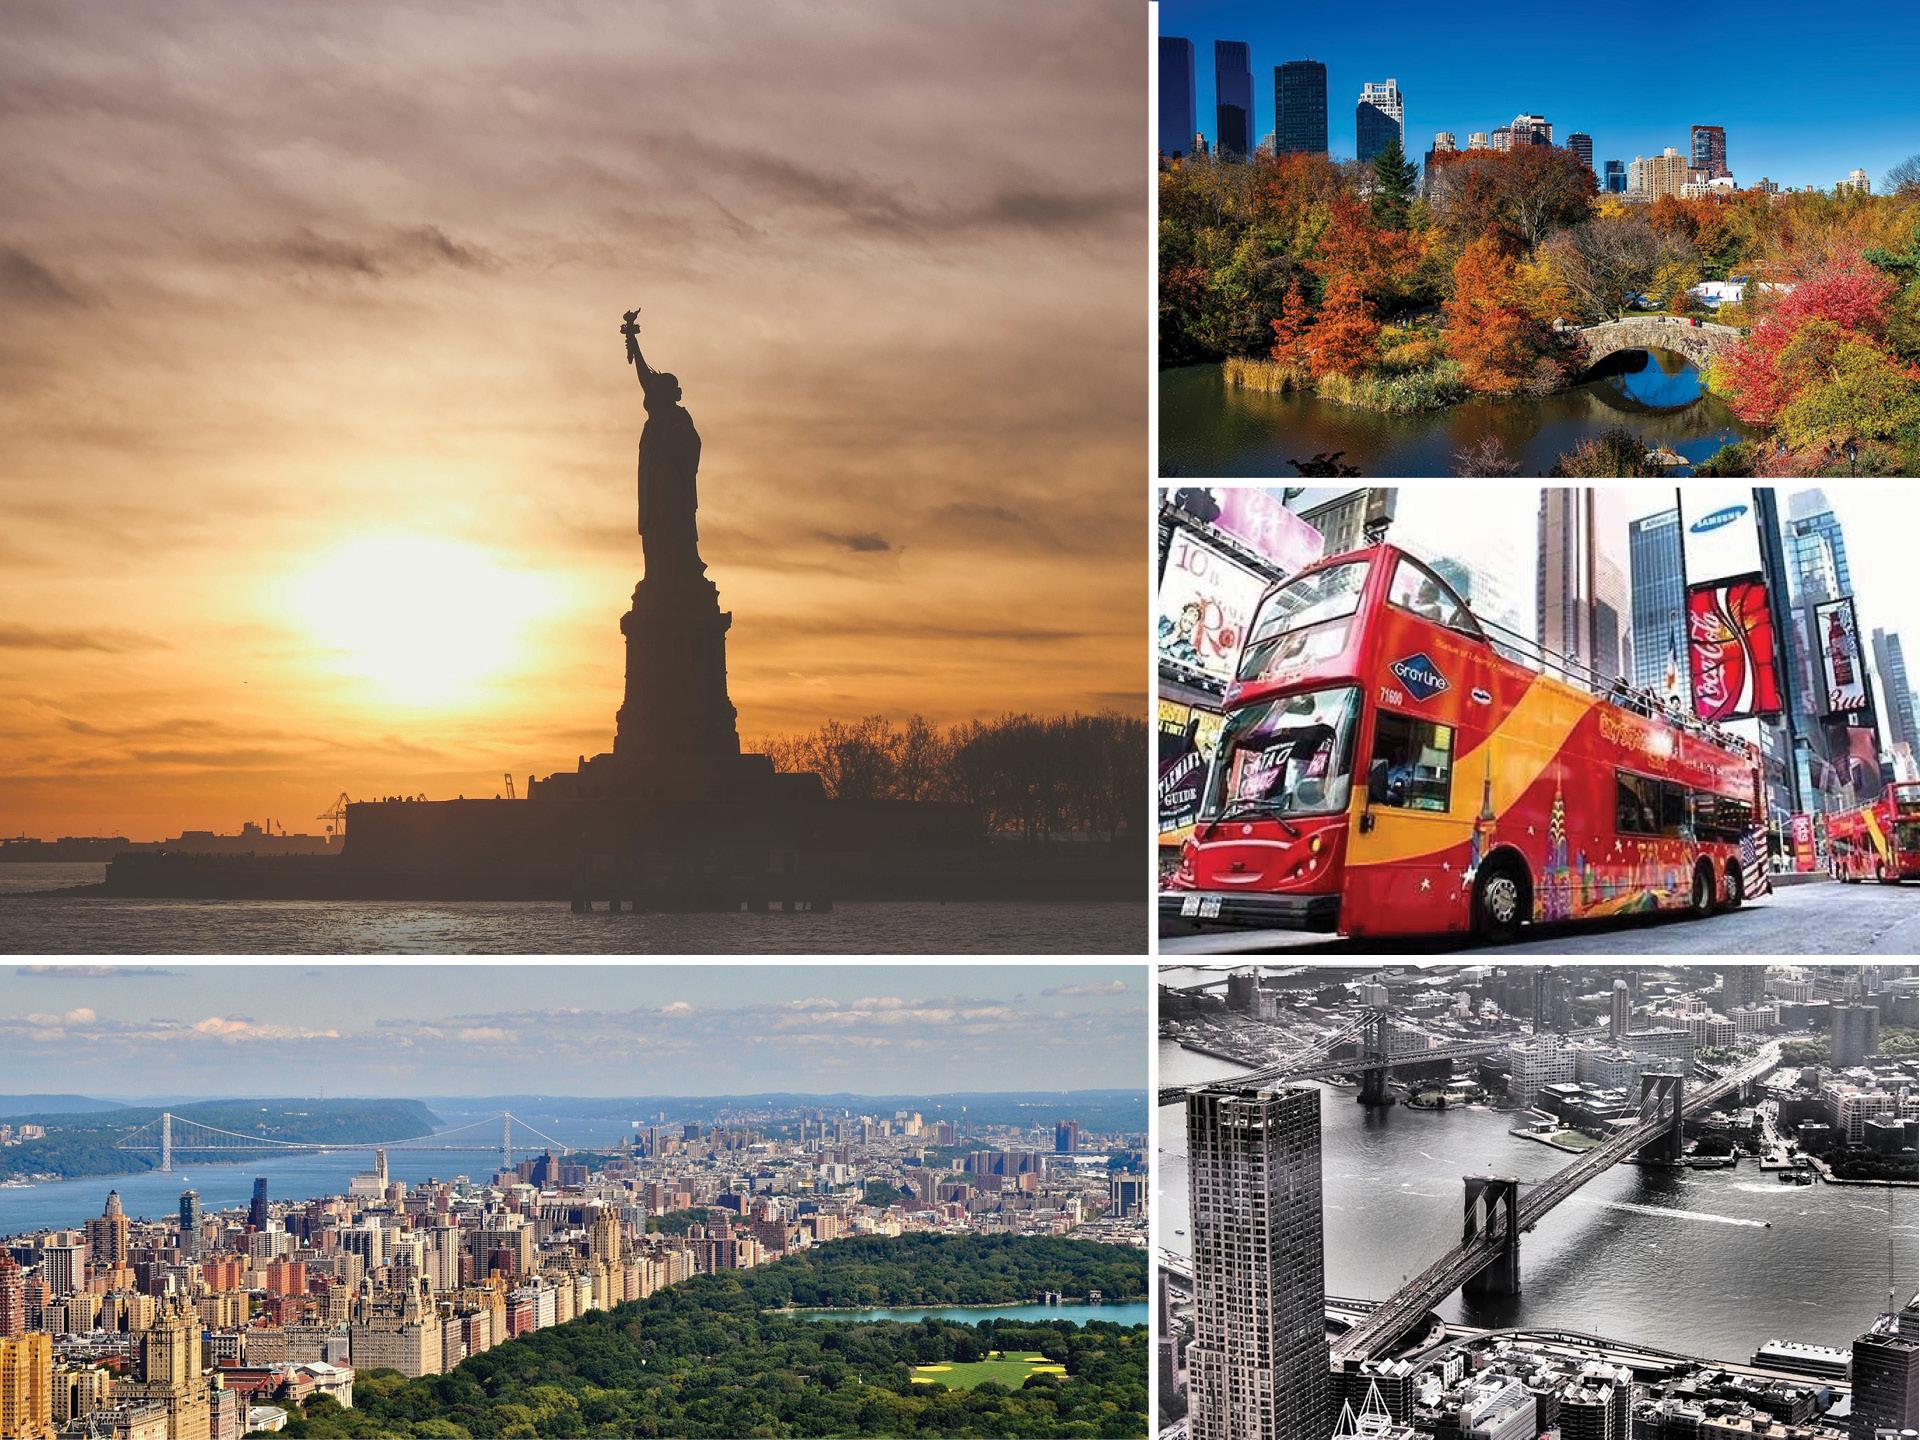 DAG 2 - FREDAG - I resan ingår ett 72 timmars pass med hop-on hop-off bussarna i New York. Downtown, Uptown, Brooklyn, Kvällsturen och Sightseeing Ferry ingår under dessa 72 timmar. Ta dig till något eller några av dina valda utflykter som ingår i paketet.Är du intresserad av sport är rundturen i Madison Square Garden, en av världens kändaste arenor ett alternativ. Annars kan kanske dagen spenderas på ett eller flera museer i staden. Det finns nämligen en uppsjö utav dem.